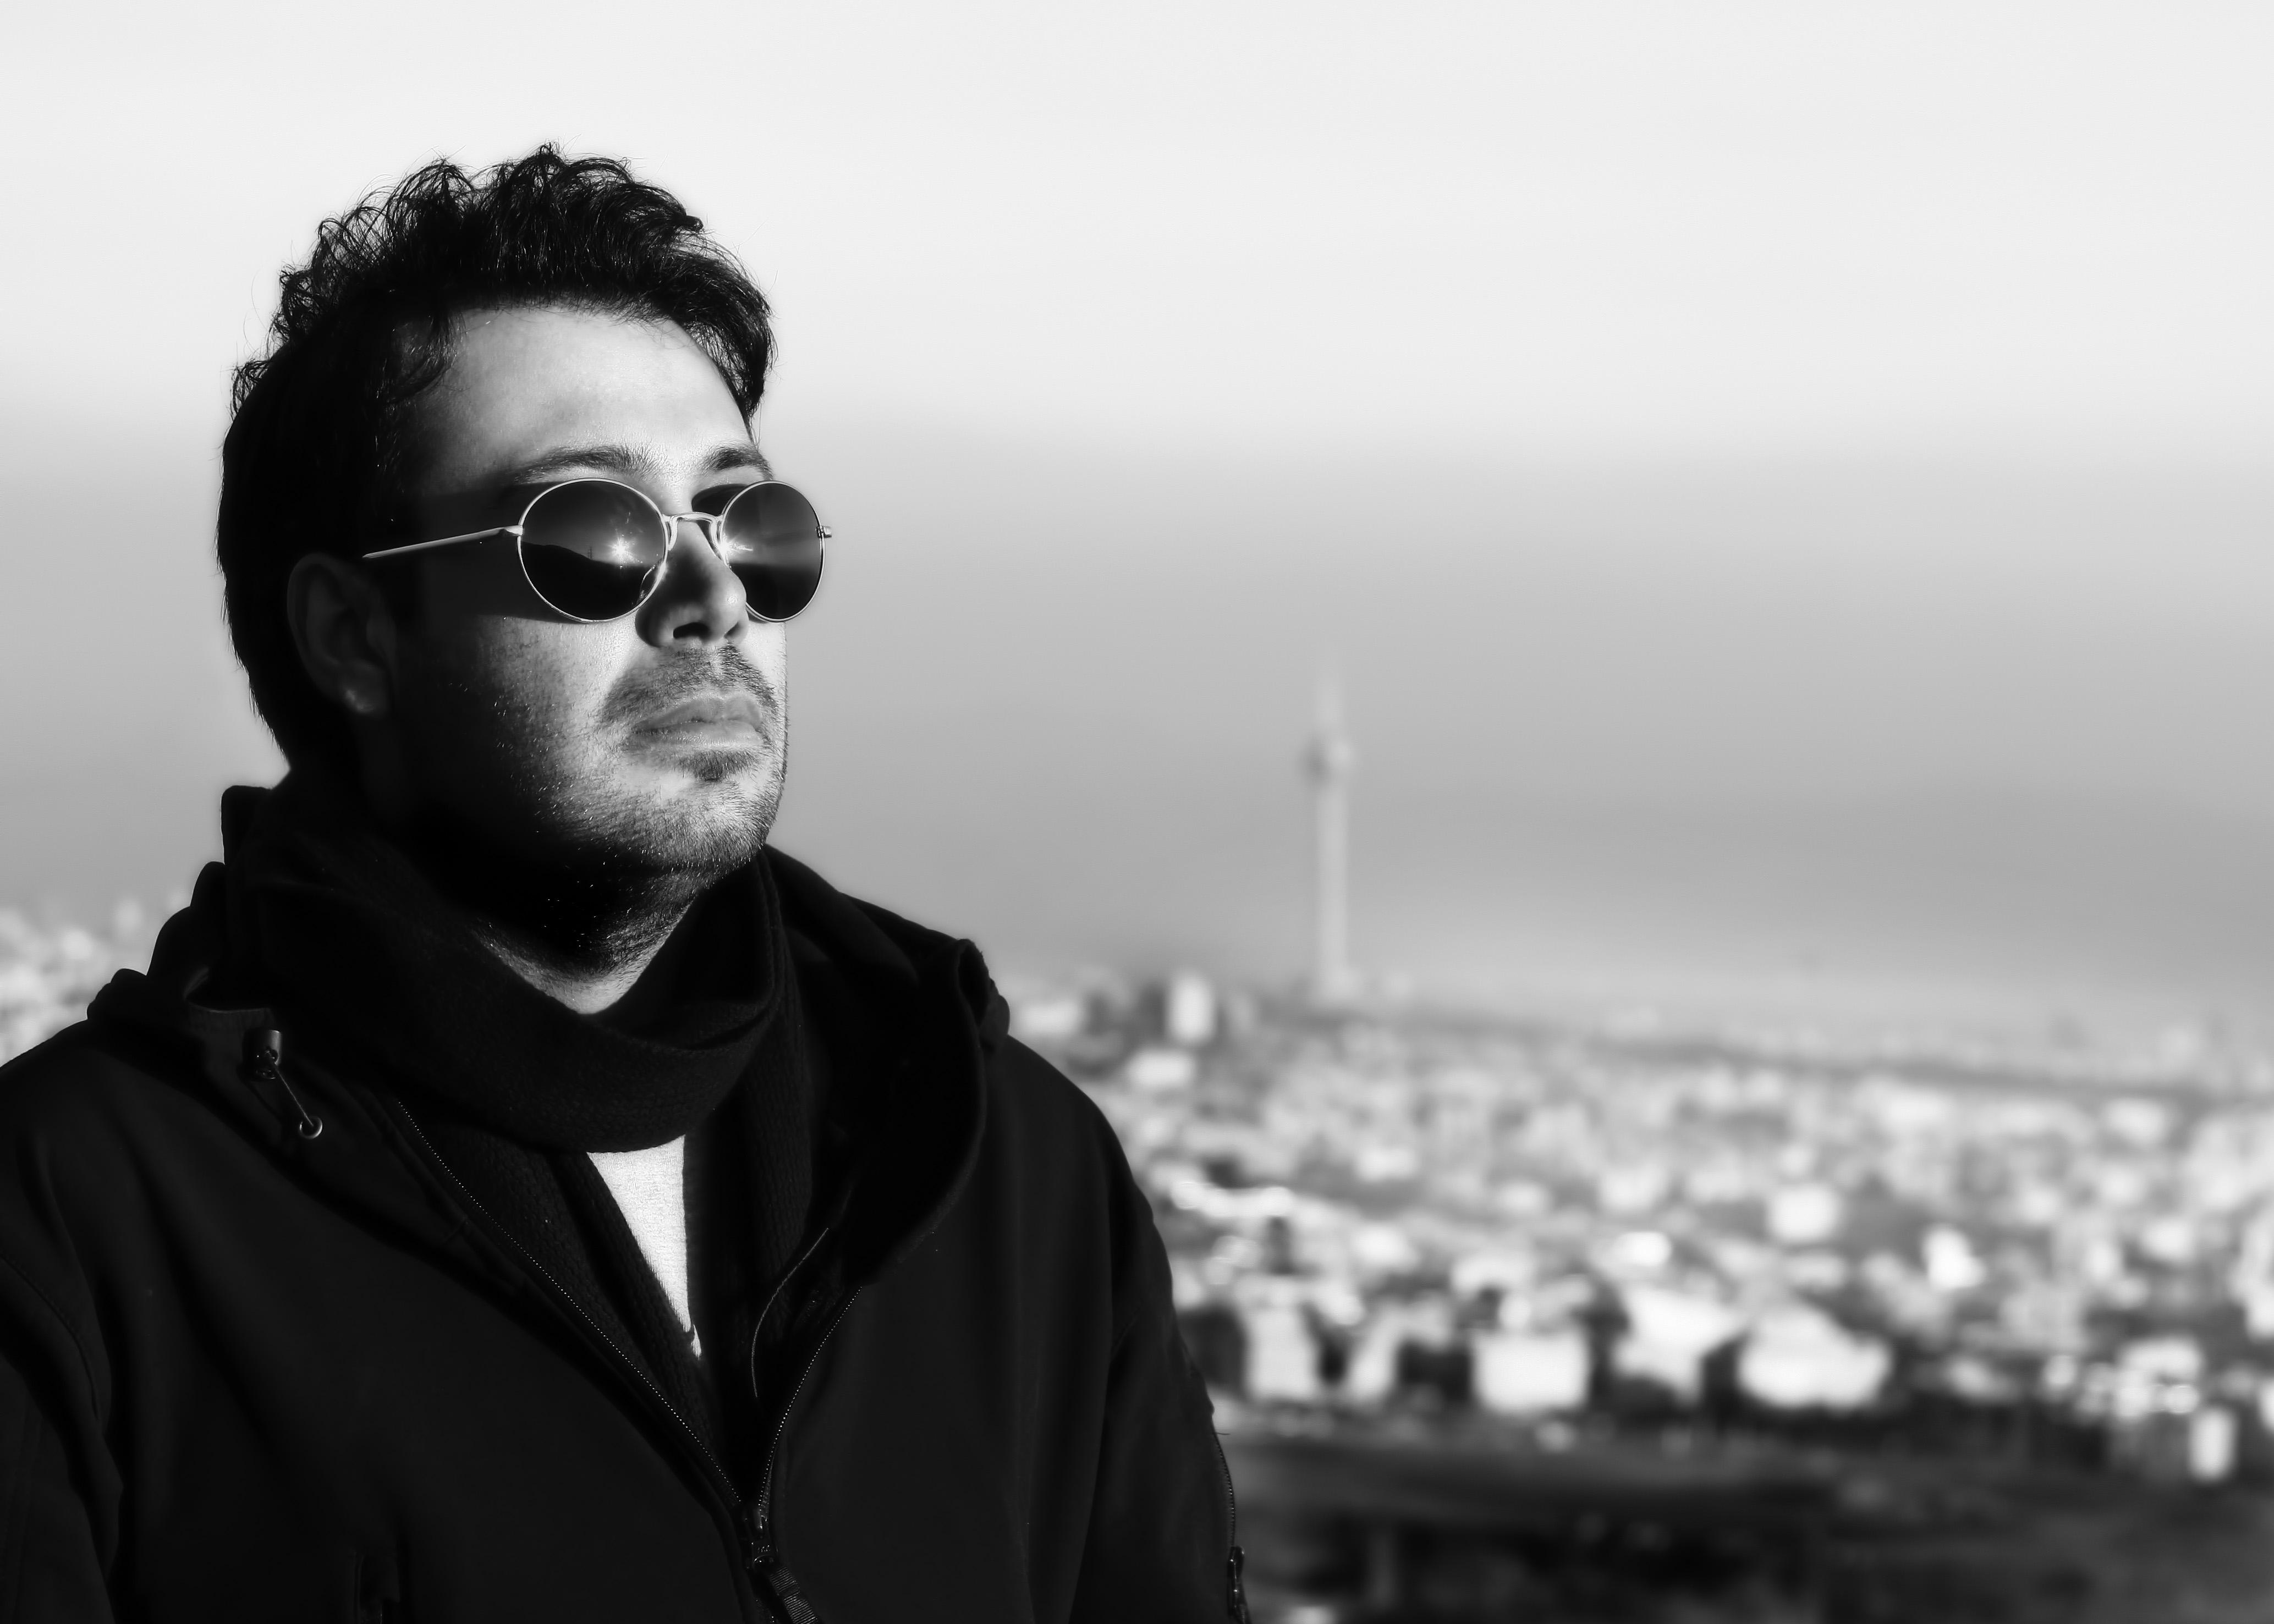 دانلود رایگان آلبوم نفرین محسن چاوشی به صورت یکجا